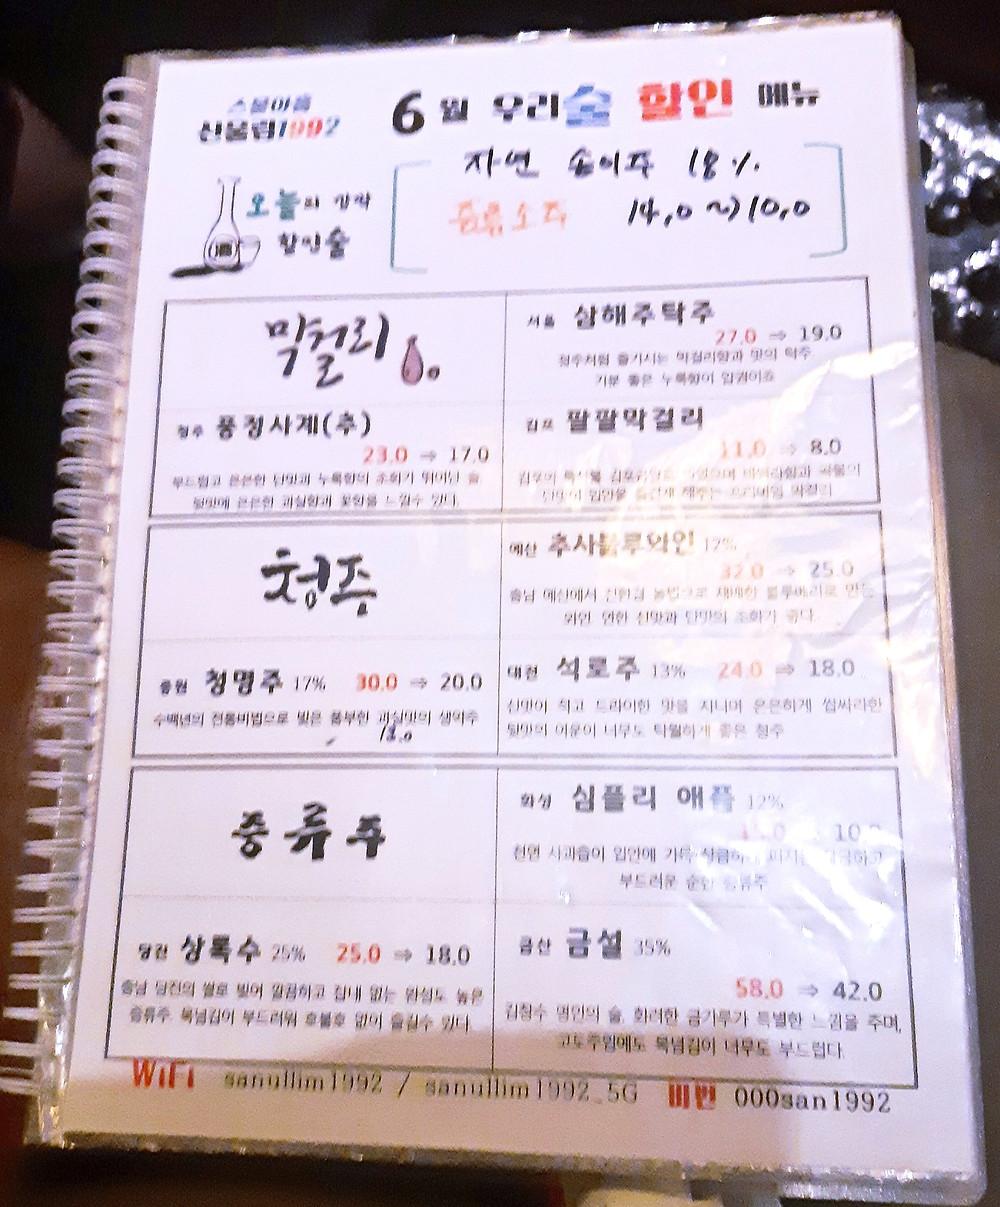 Sanullim Menu Hongdae Seoul Sanullim 1992